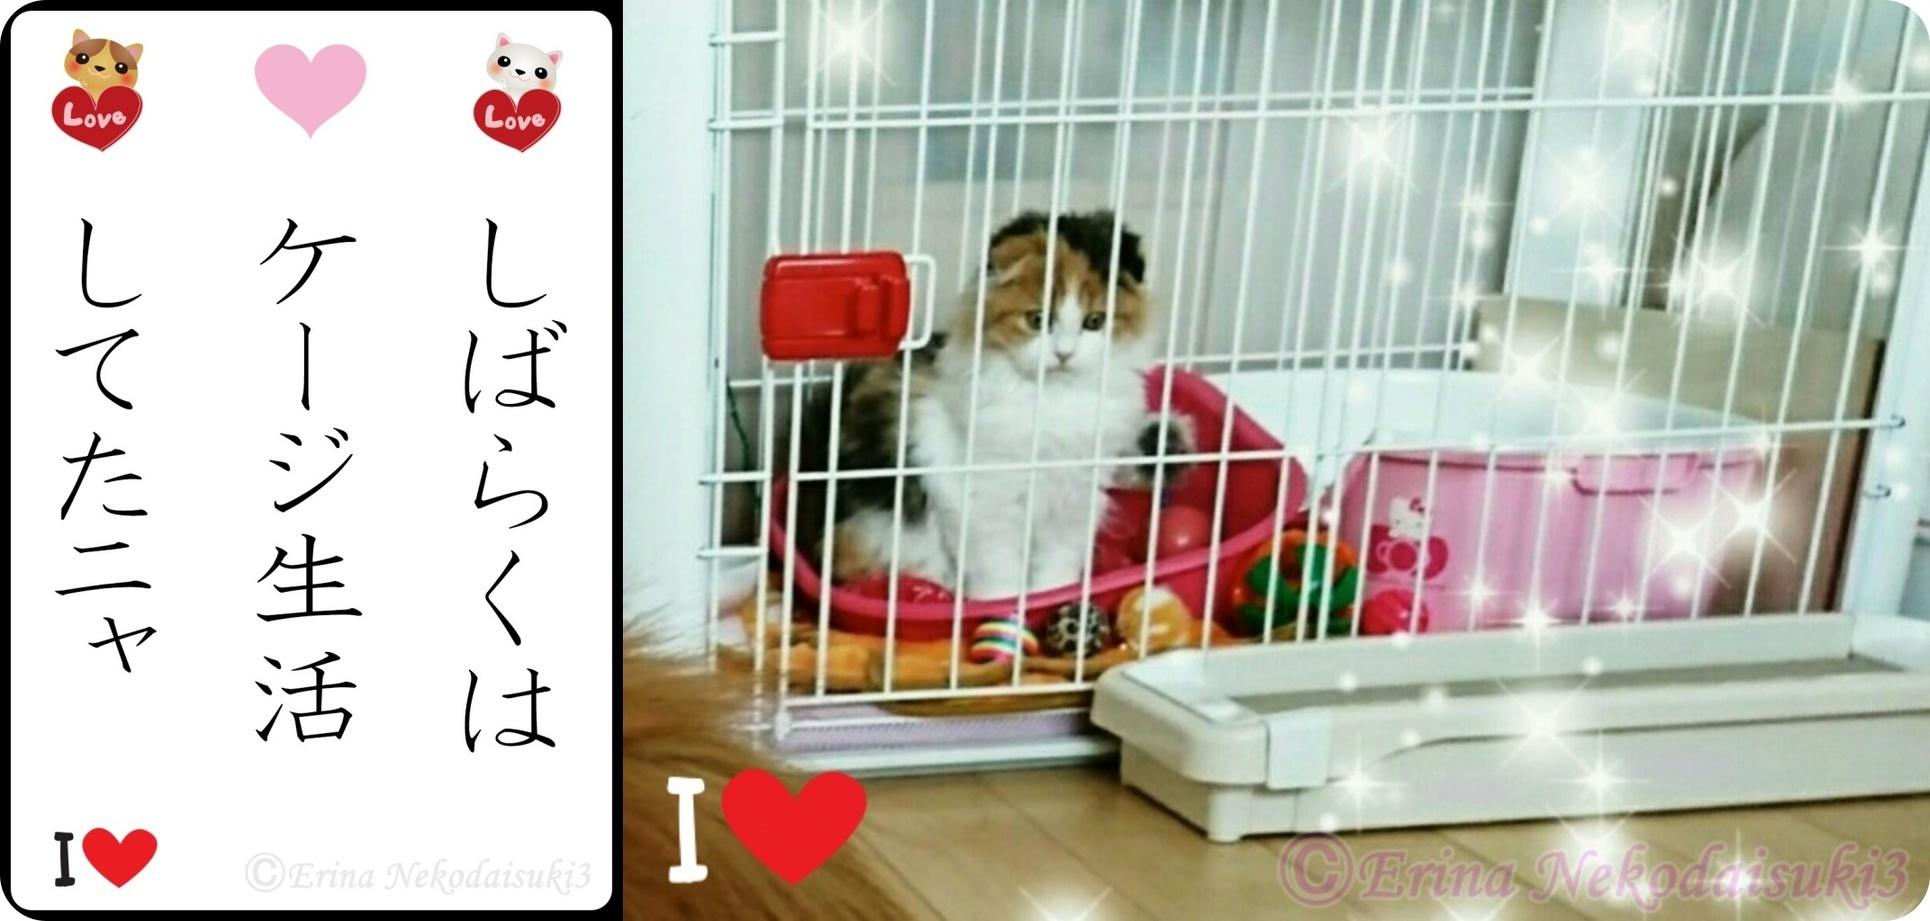 角丸2連結Ⓒ川柳レナしばらくはケージ生活してたニャレナちゃん-side.jpg